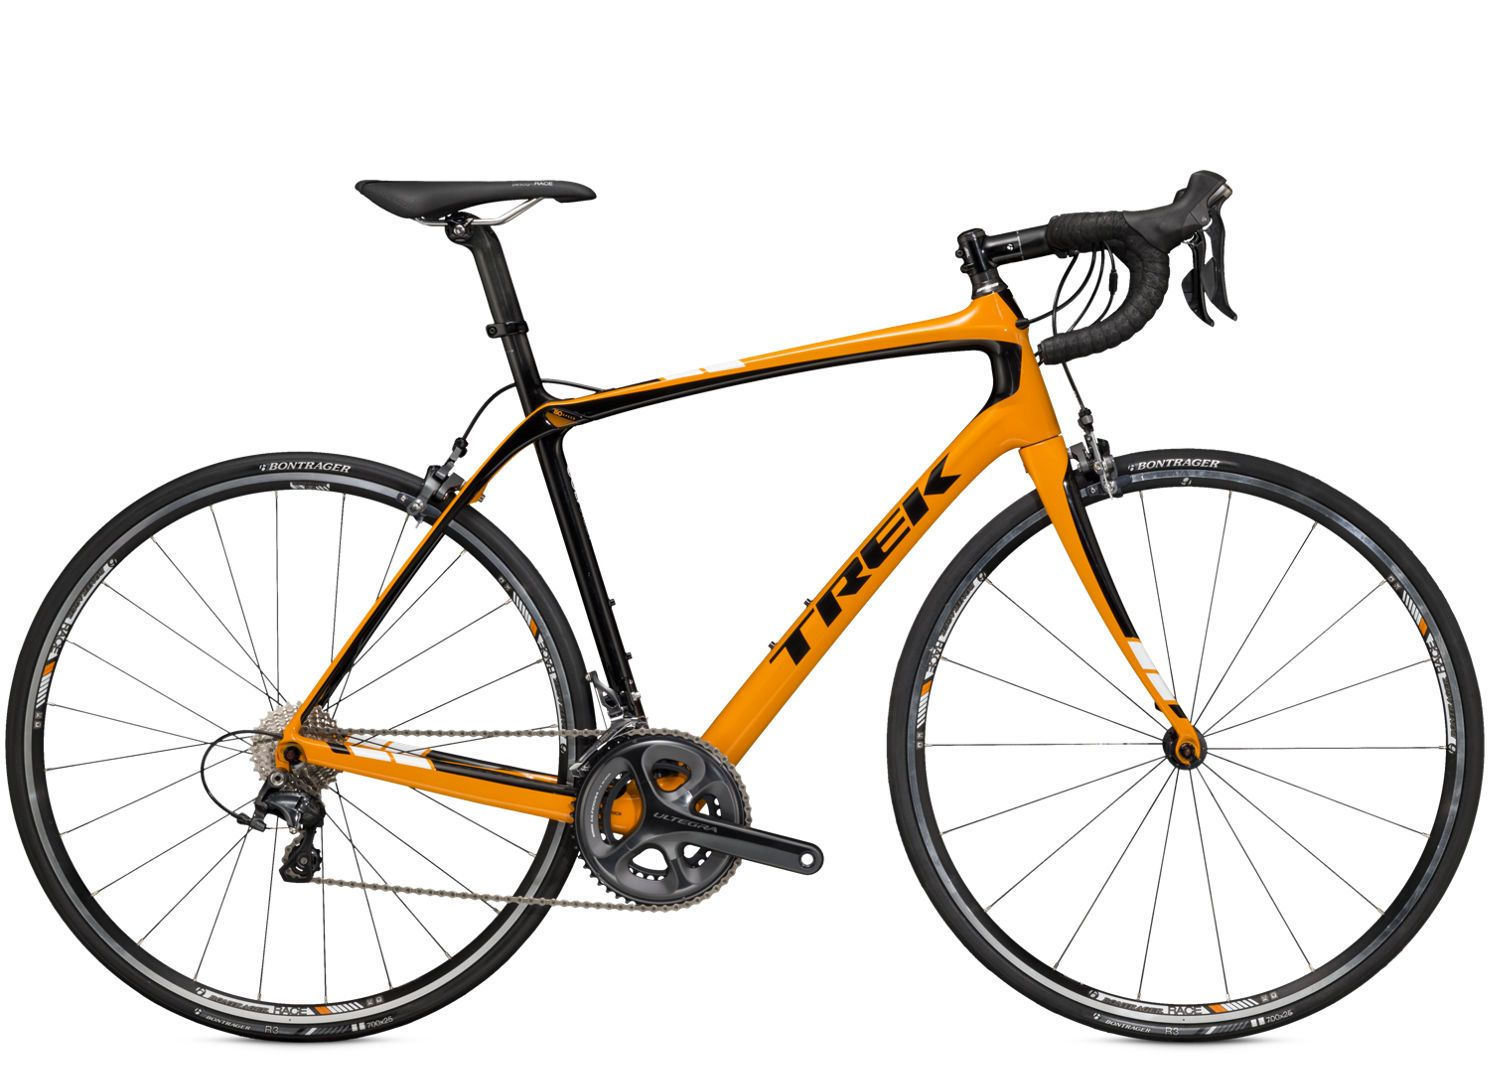 Domane 5 2 Trek Bicycle Trek Road Bikes Trek Bicycle Road Bikes